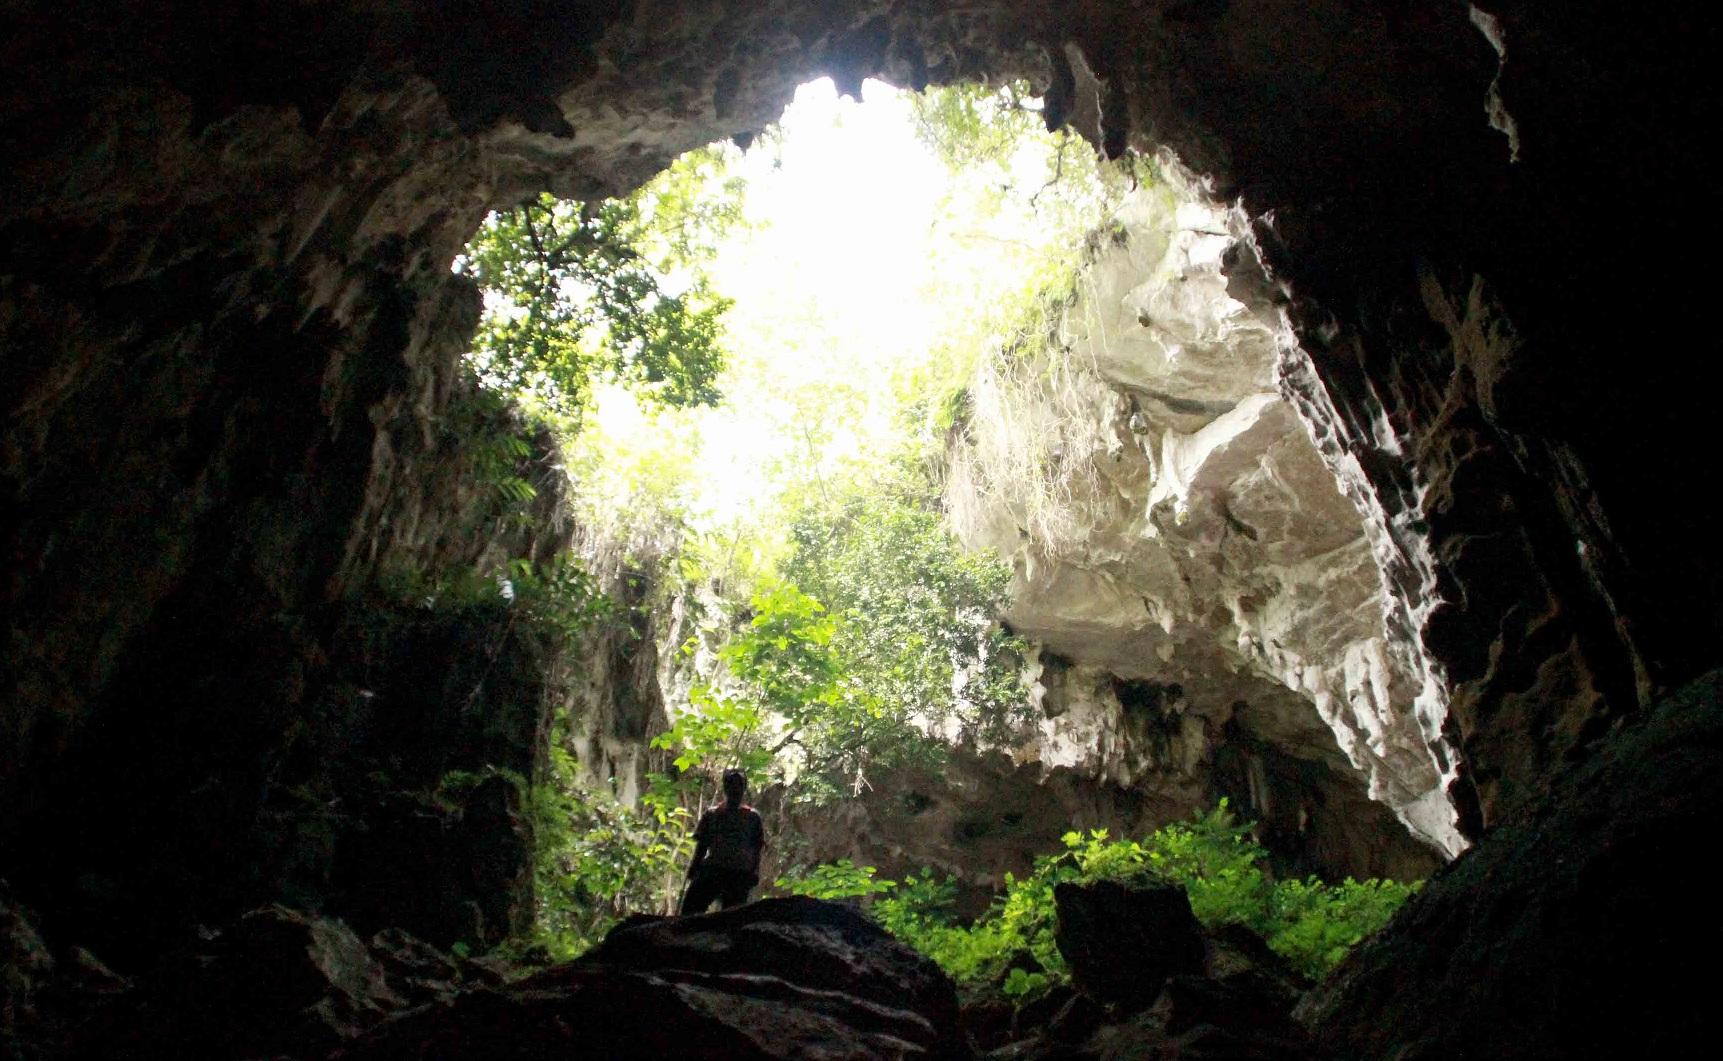 kontilola cave in baliem valley area